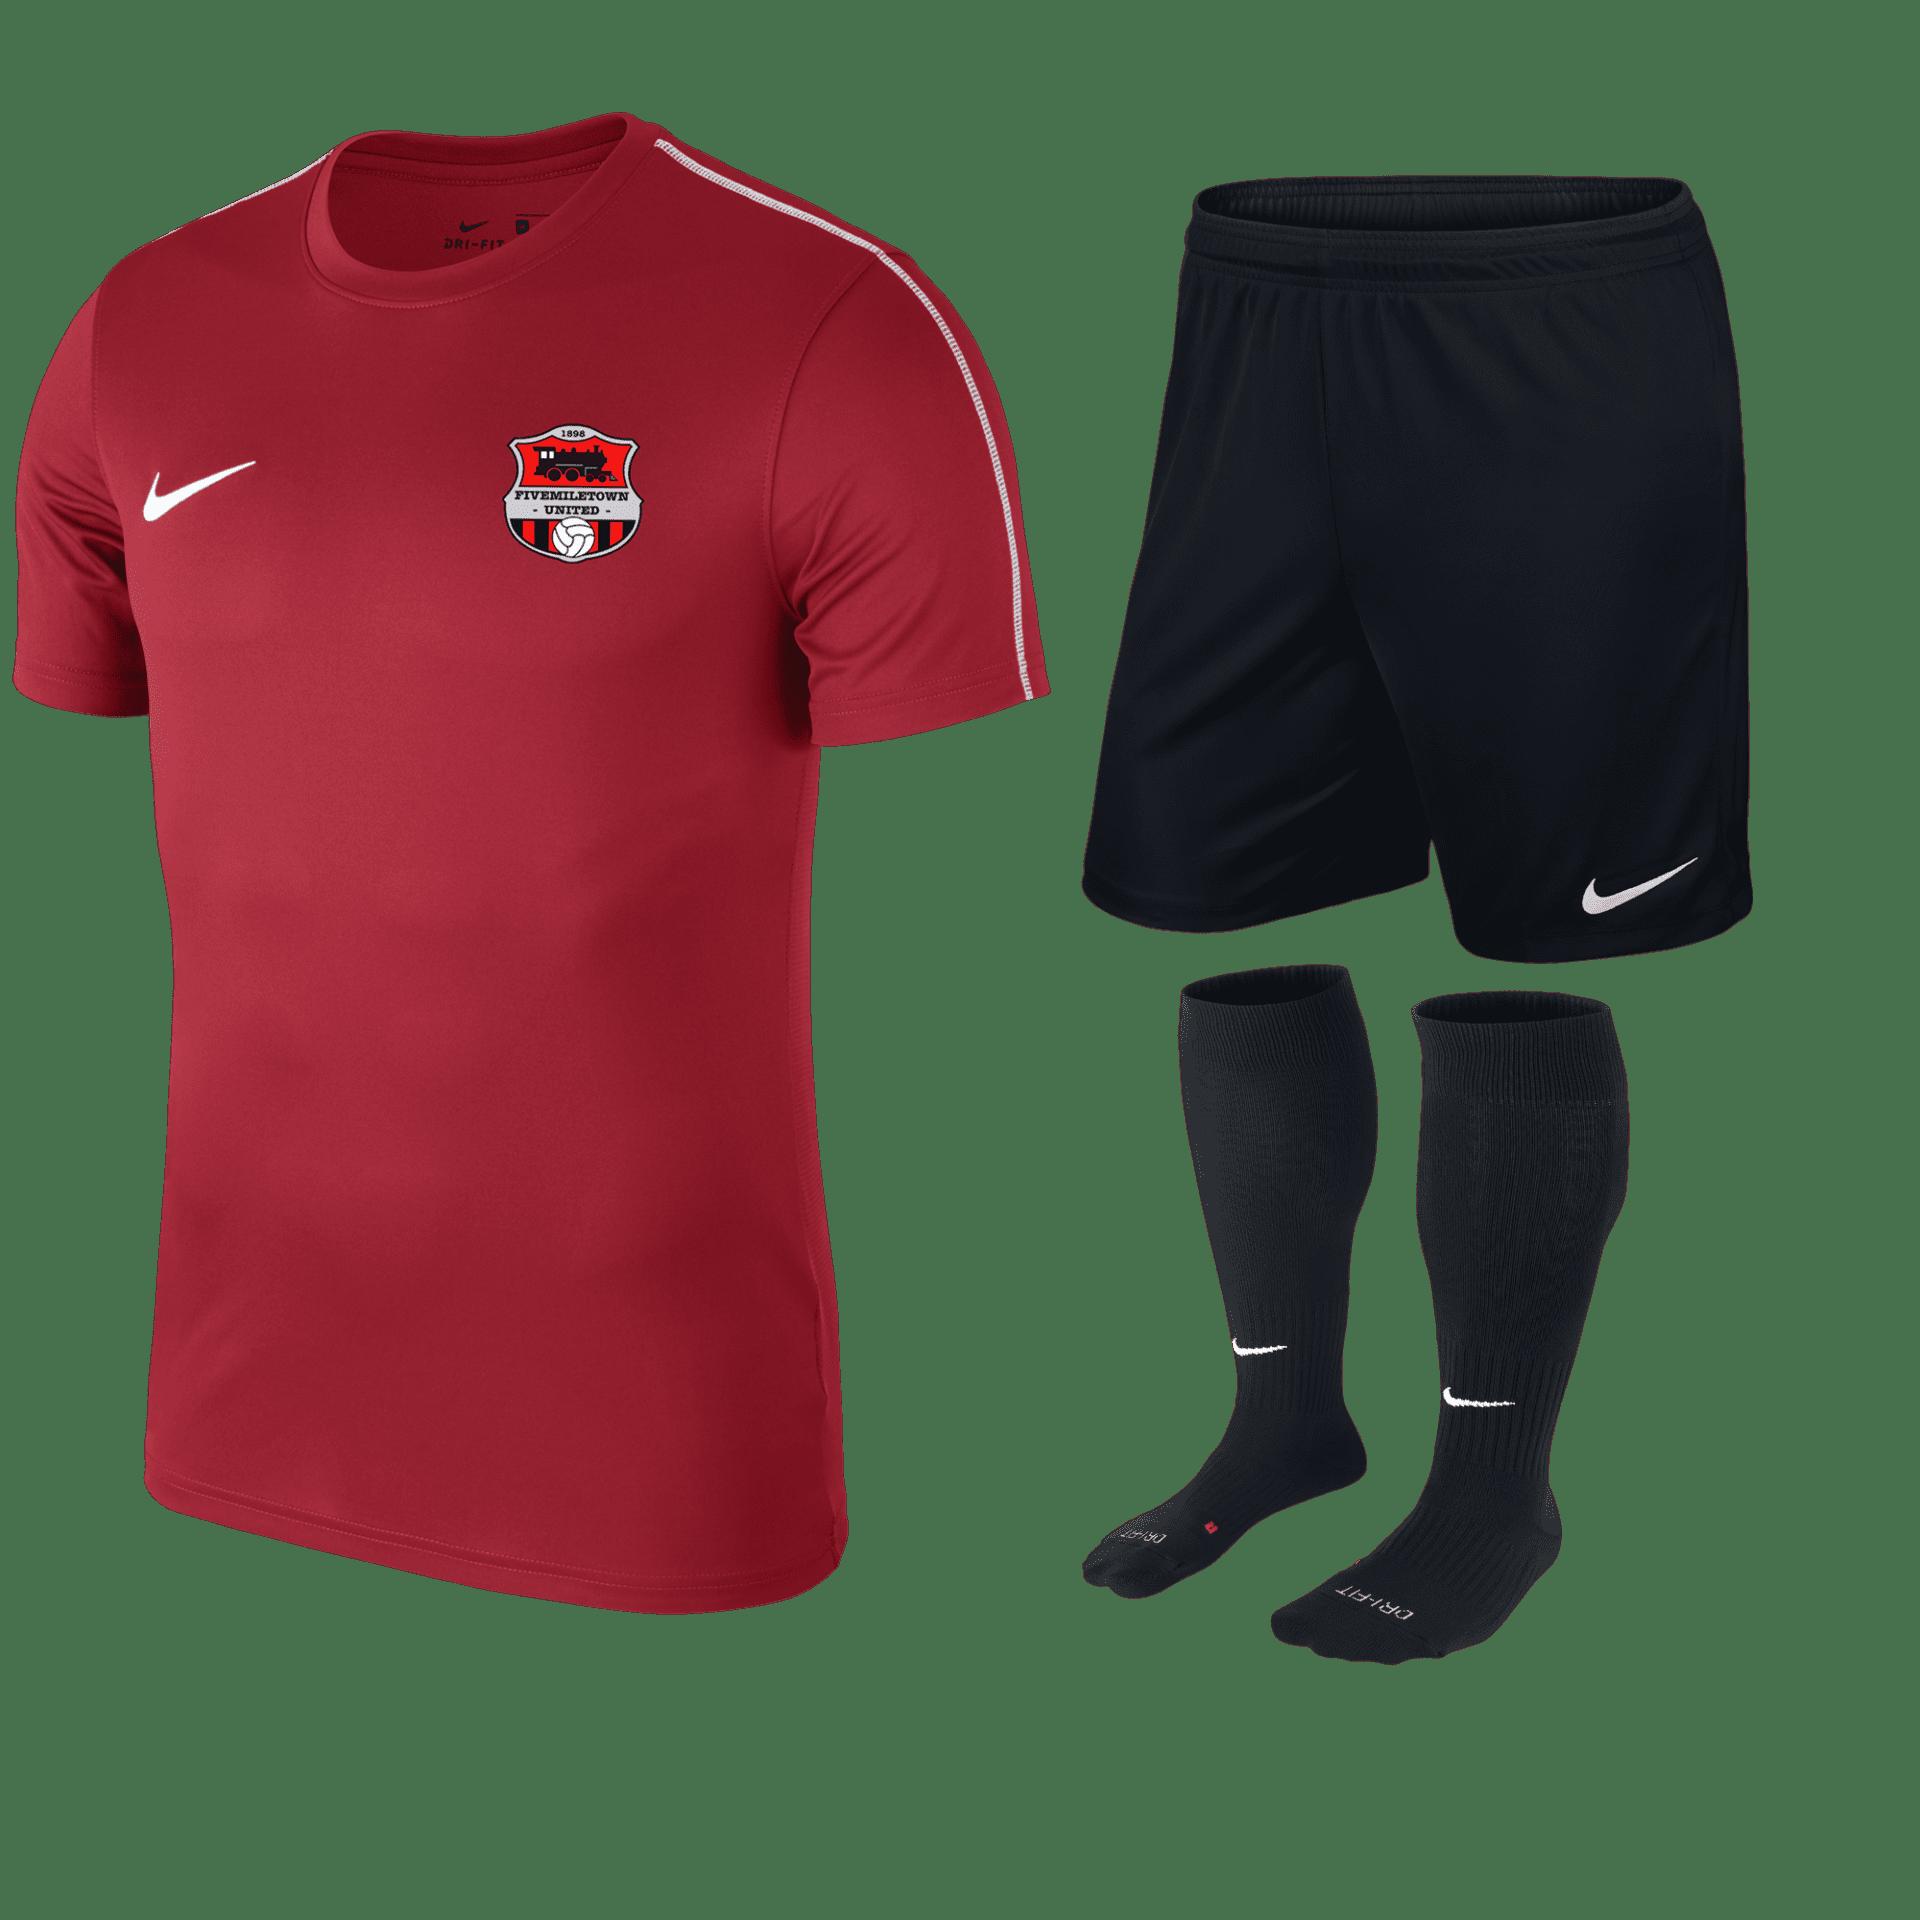 Fivemiletown utd training kit